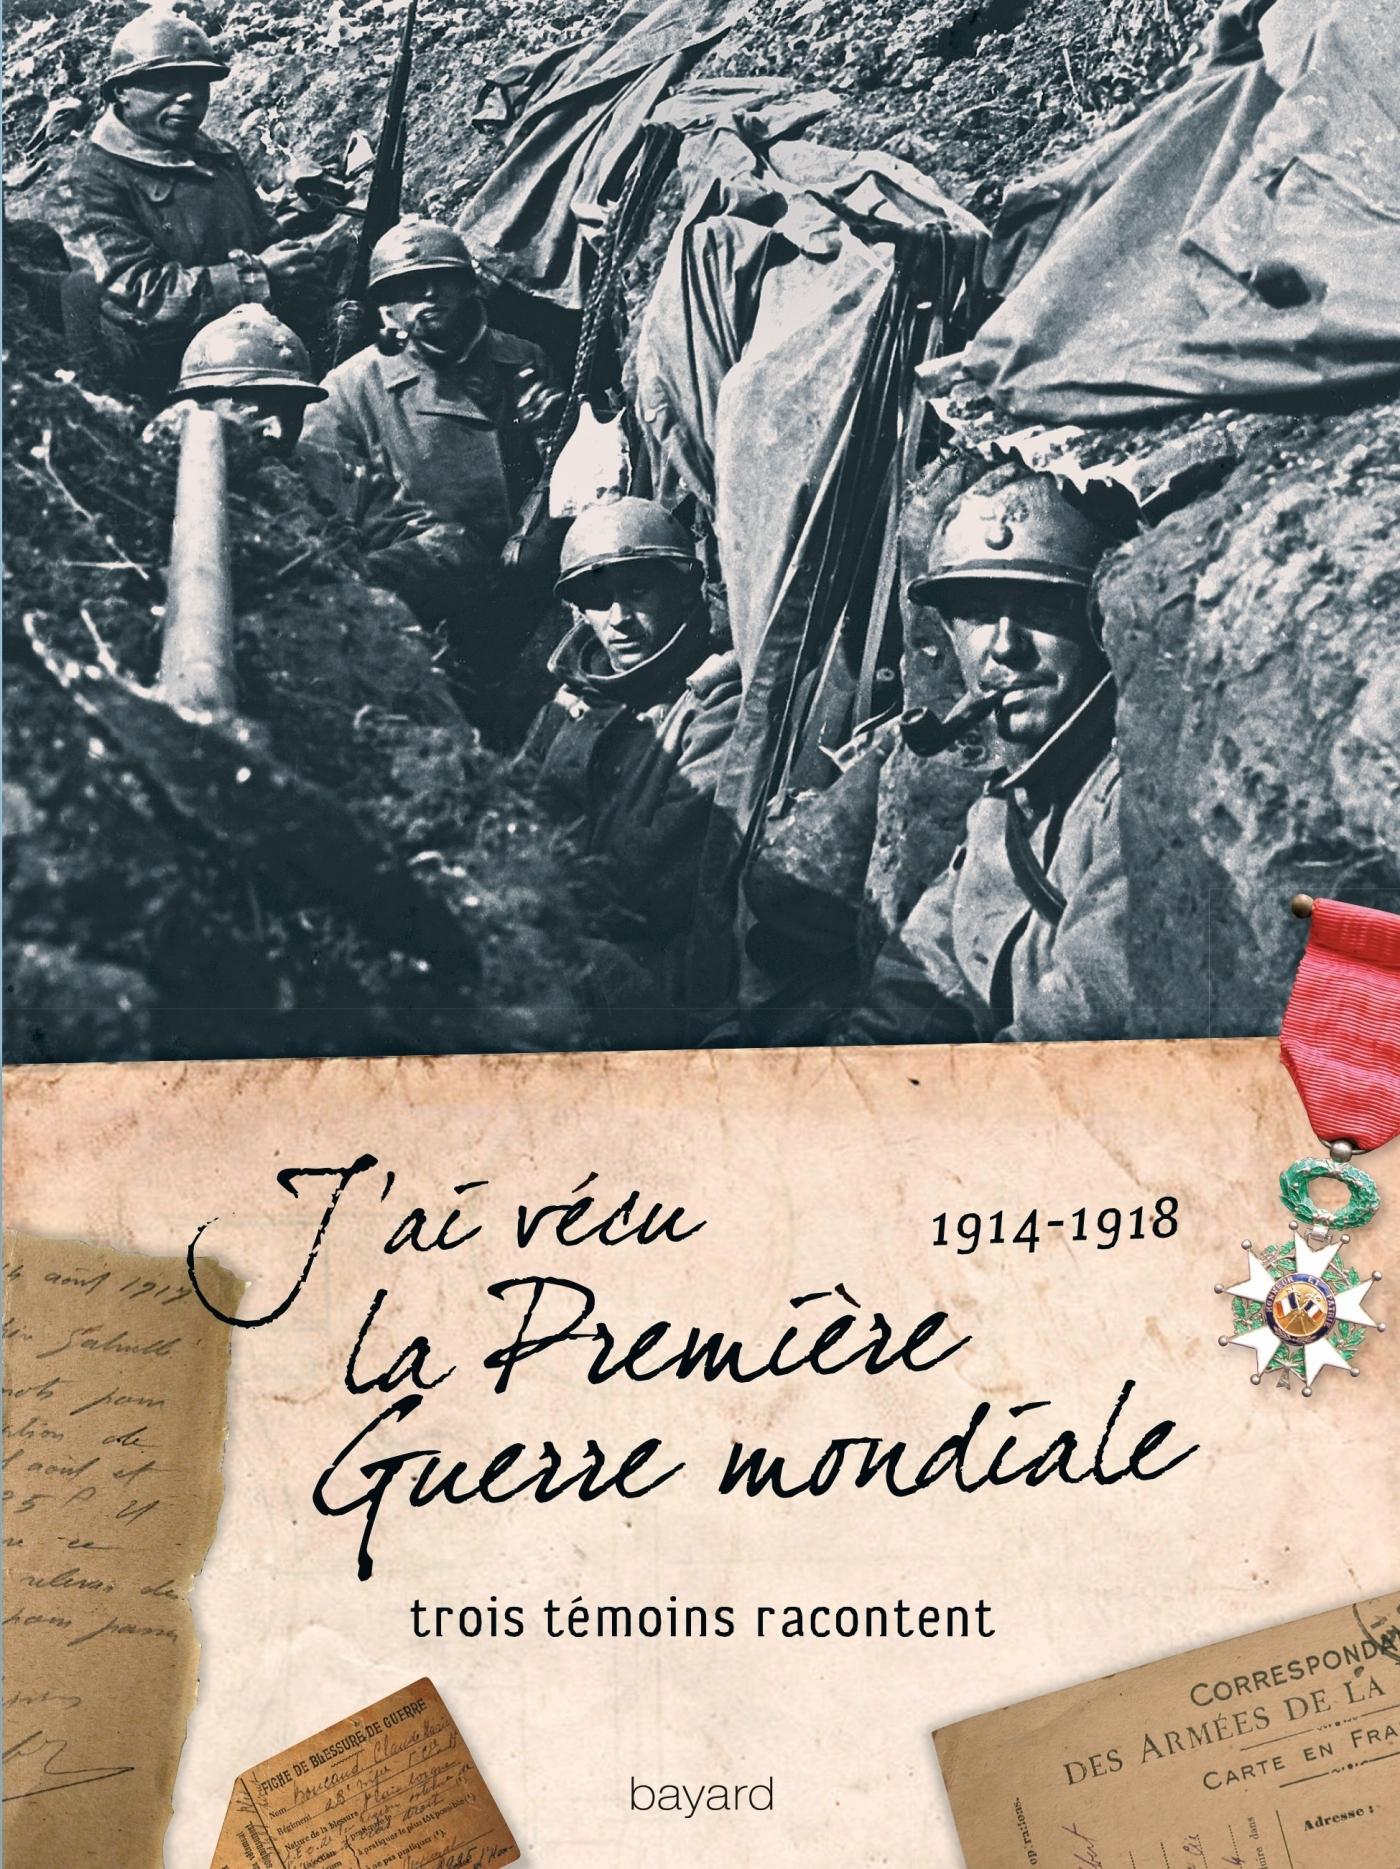 J'AI VECU LA PREMIERE GUERRE MONDIALE (1914-1918) - TROIS TEMOINS RACONTENT